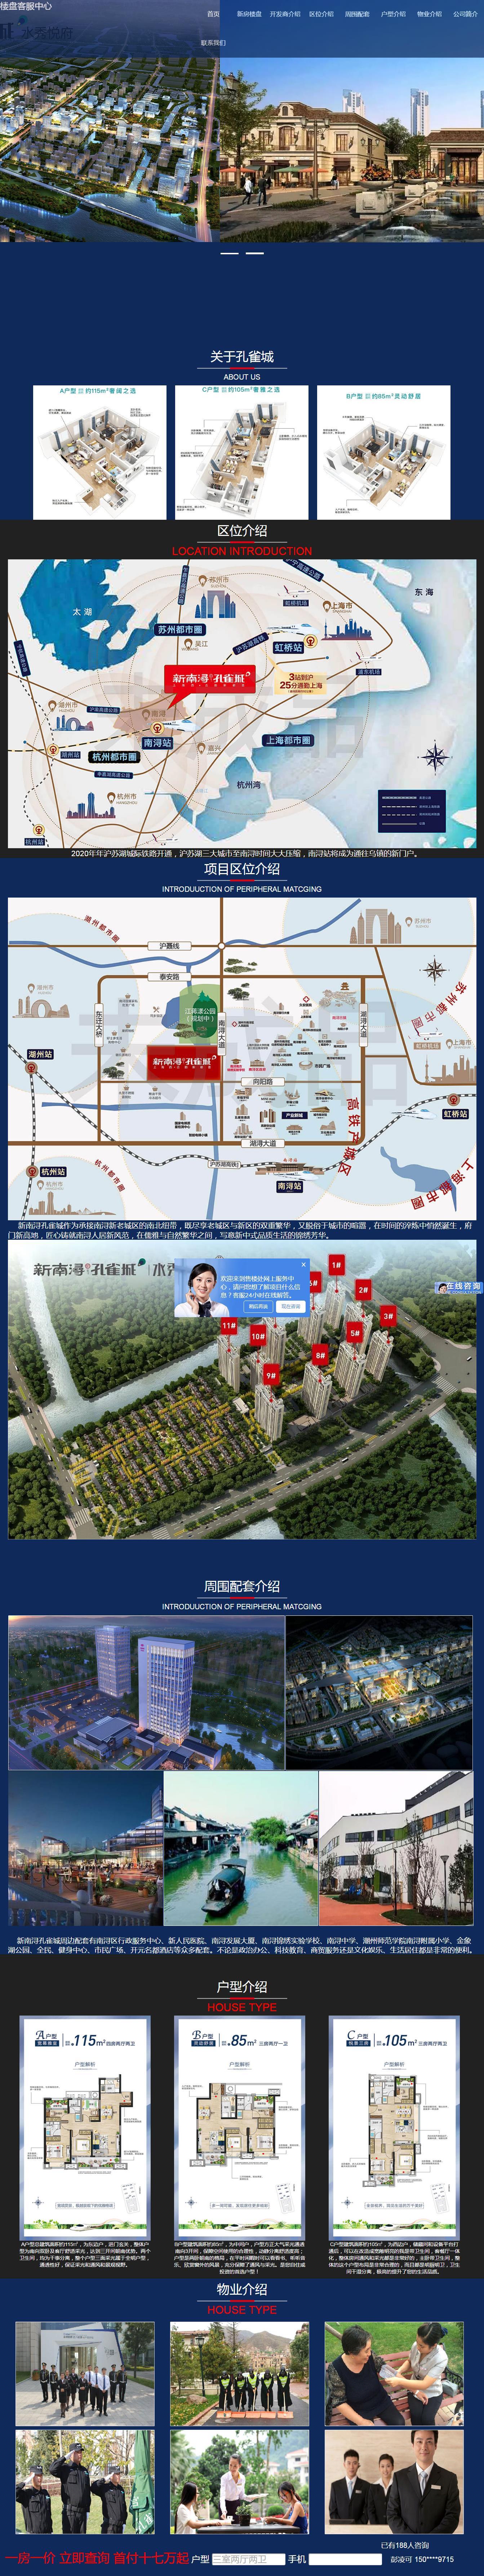 易胜博ysb248网址-新南浔孔雀城